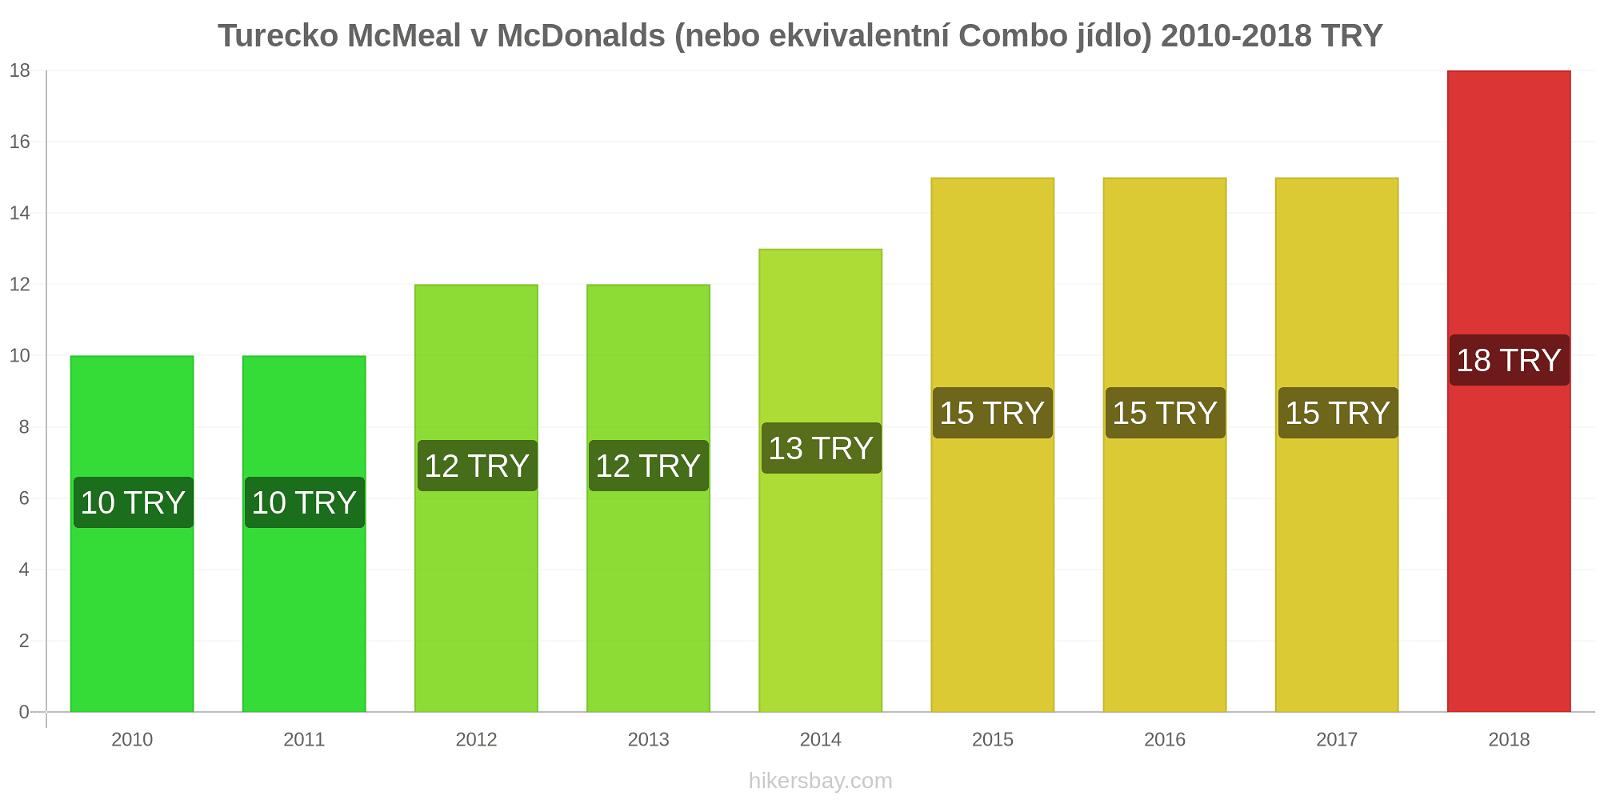 Turecko změny cen McMeal v McDonalds (nebo ekvivalentní Combo jídlo) hikersbay.com